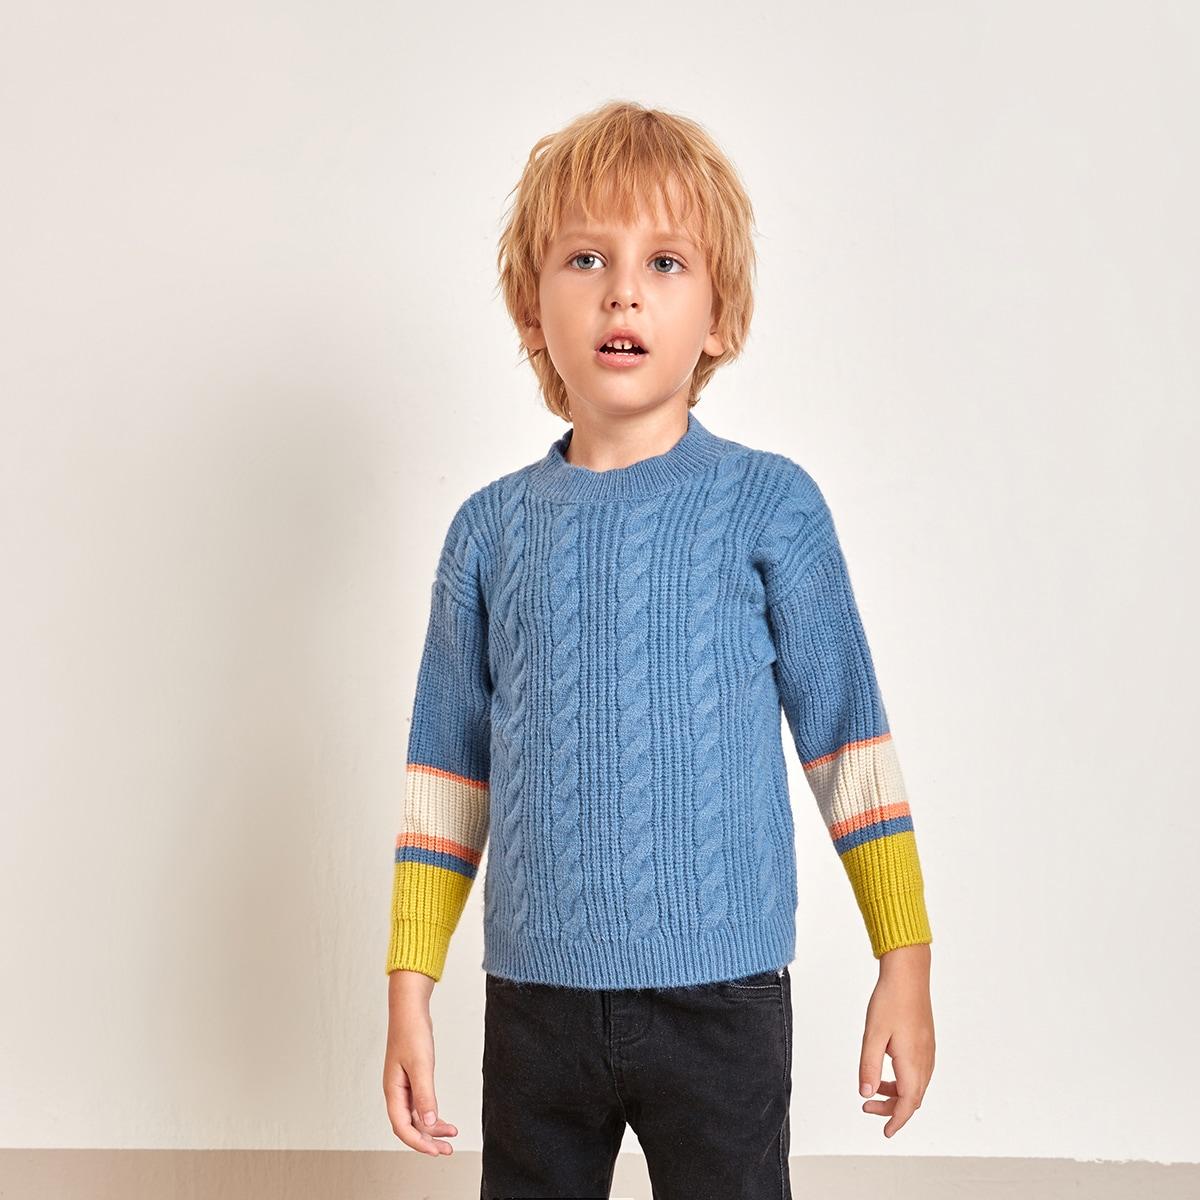 Трикотажный полосатый повседневный свитеры для мальчиков